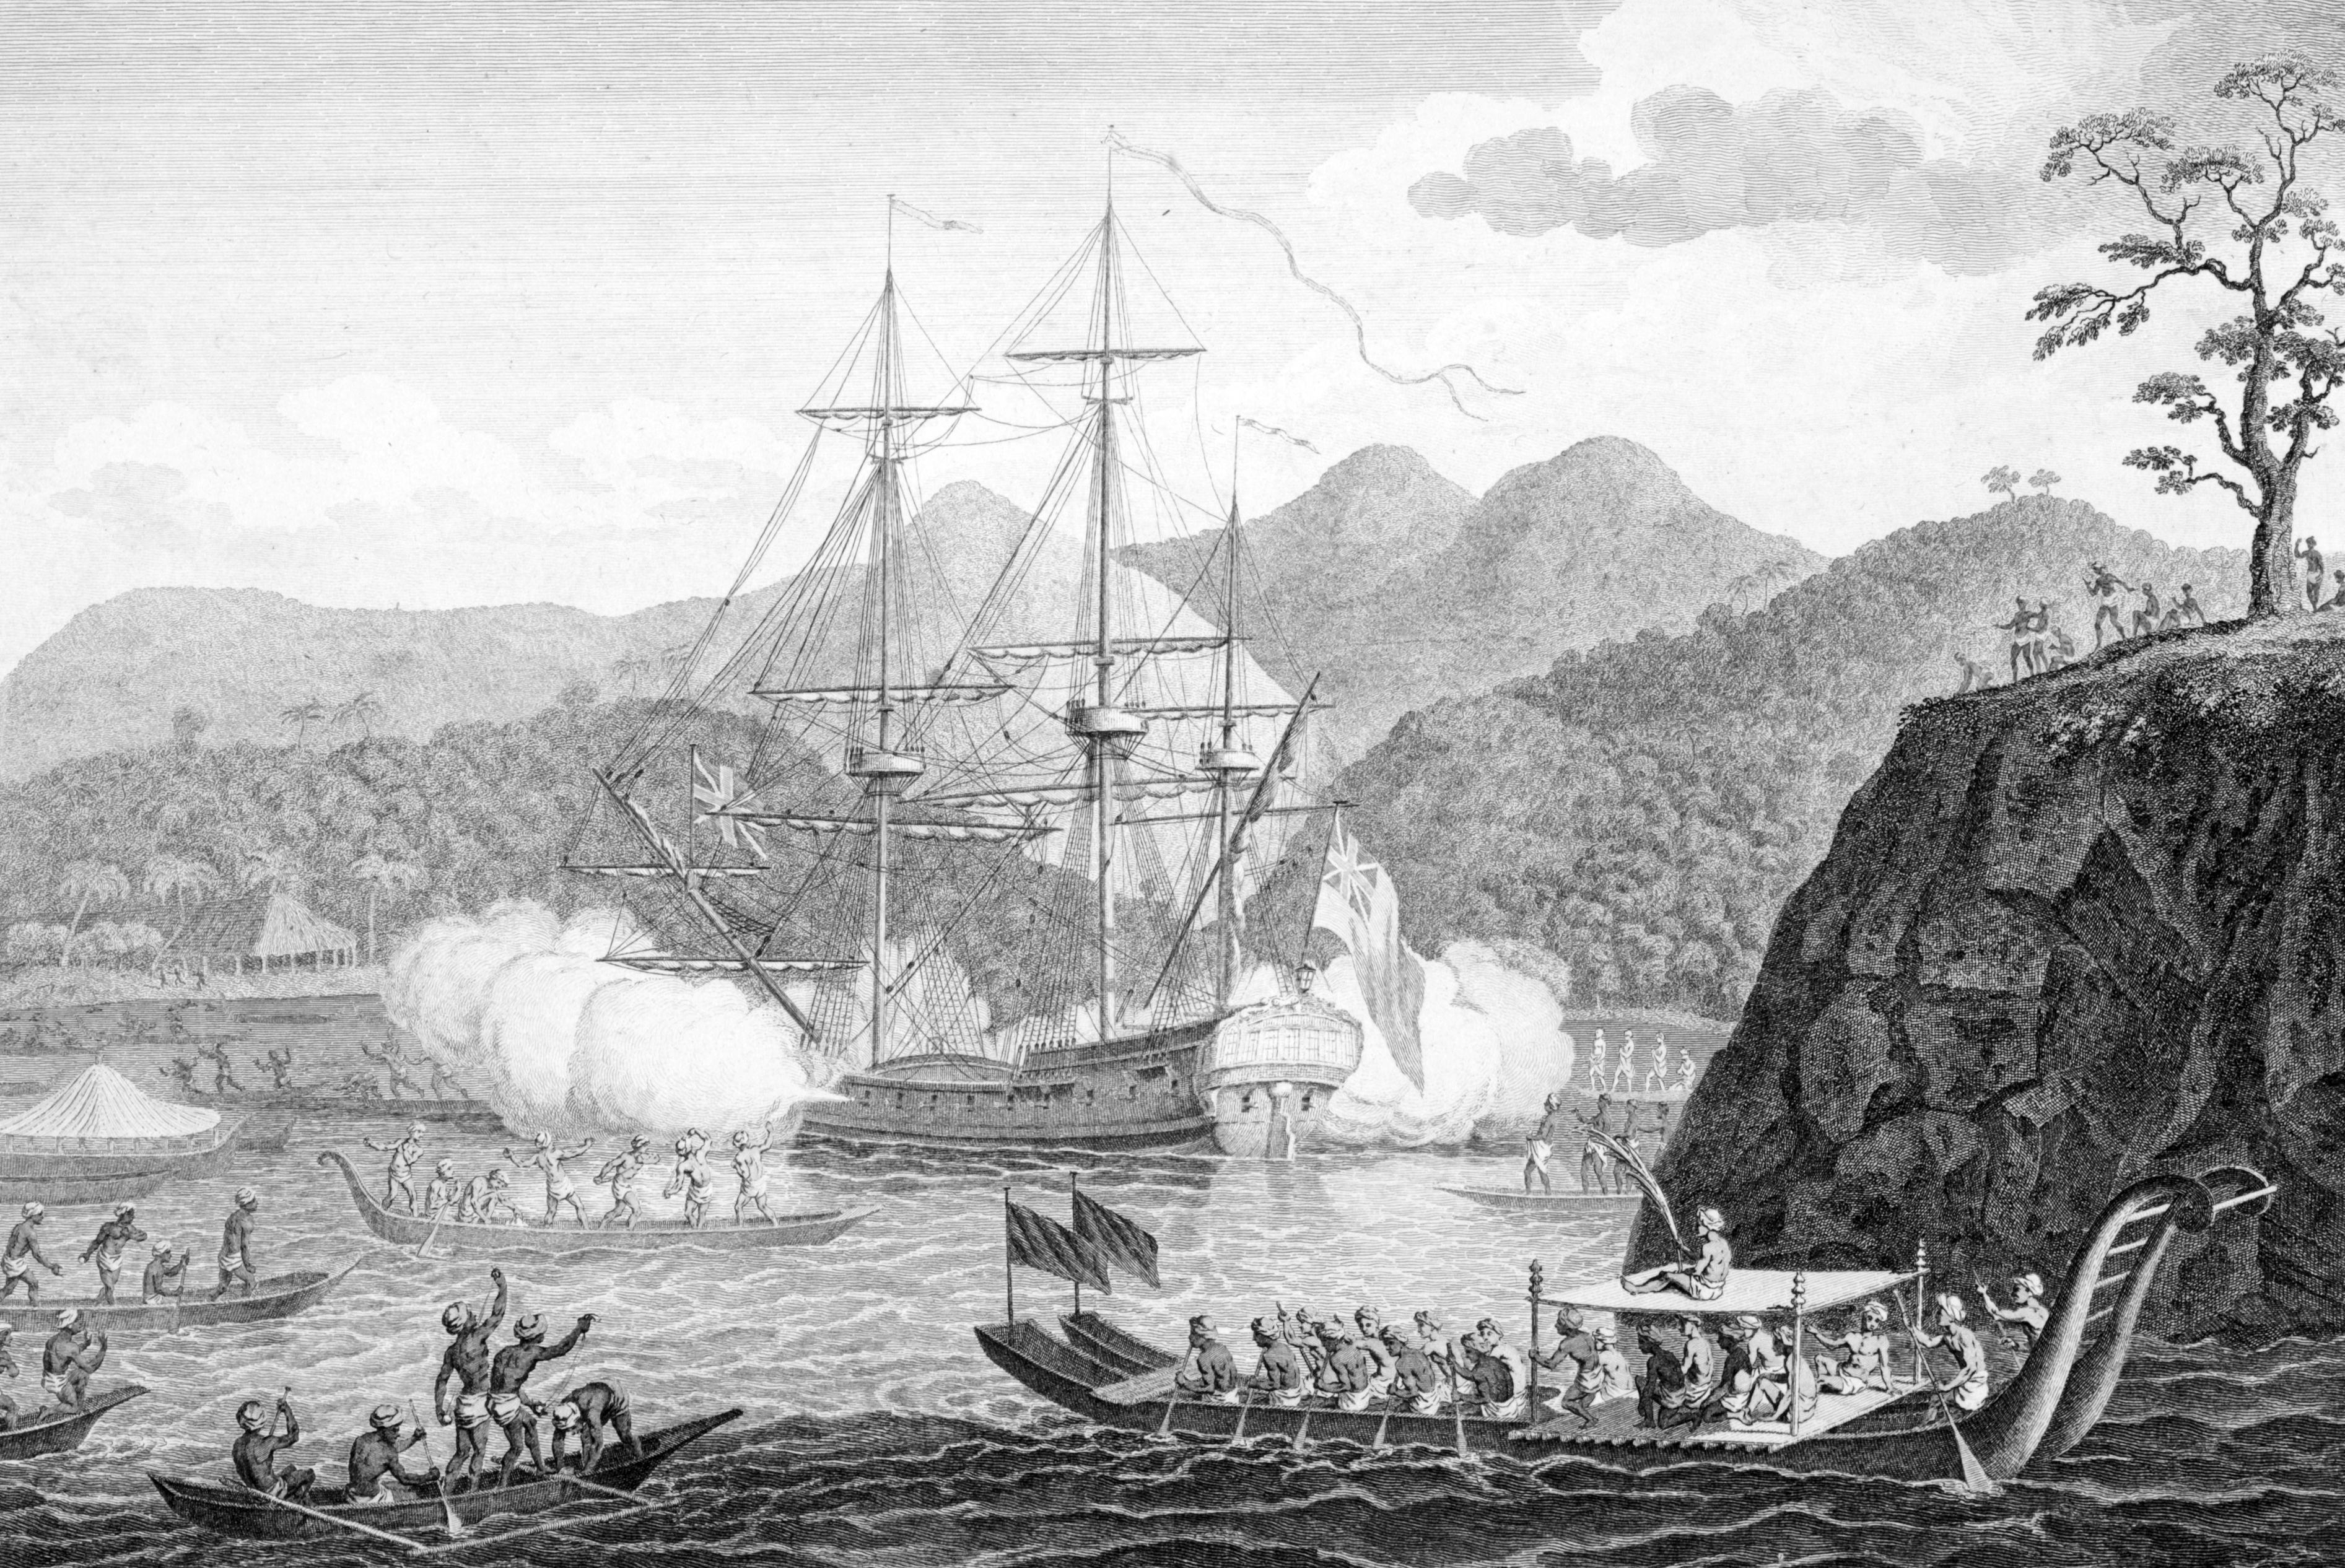 Les premiers contacts entre les Tahitiens et le capitaine Samuel Wallis ne furent pas paisibles et pacifiques. Ils donnèrent lieu à la construction du mythe de la Vahine, renforcé par les récits de voyages de Louis Antoine de Bougainville ©DR